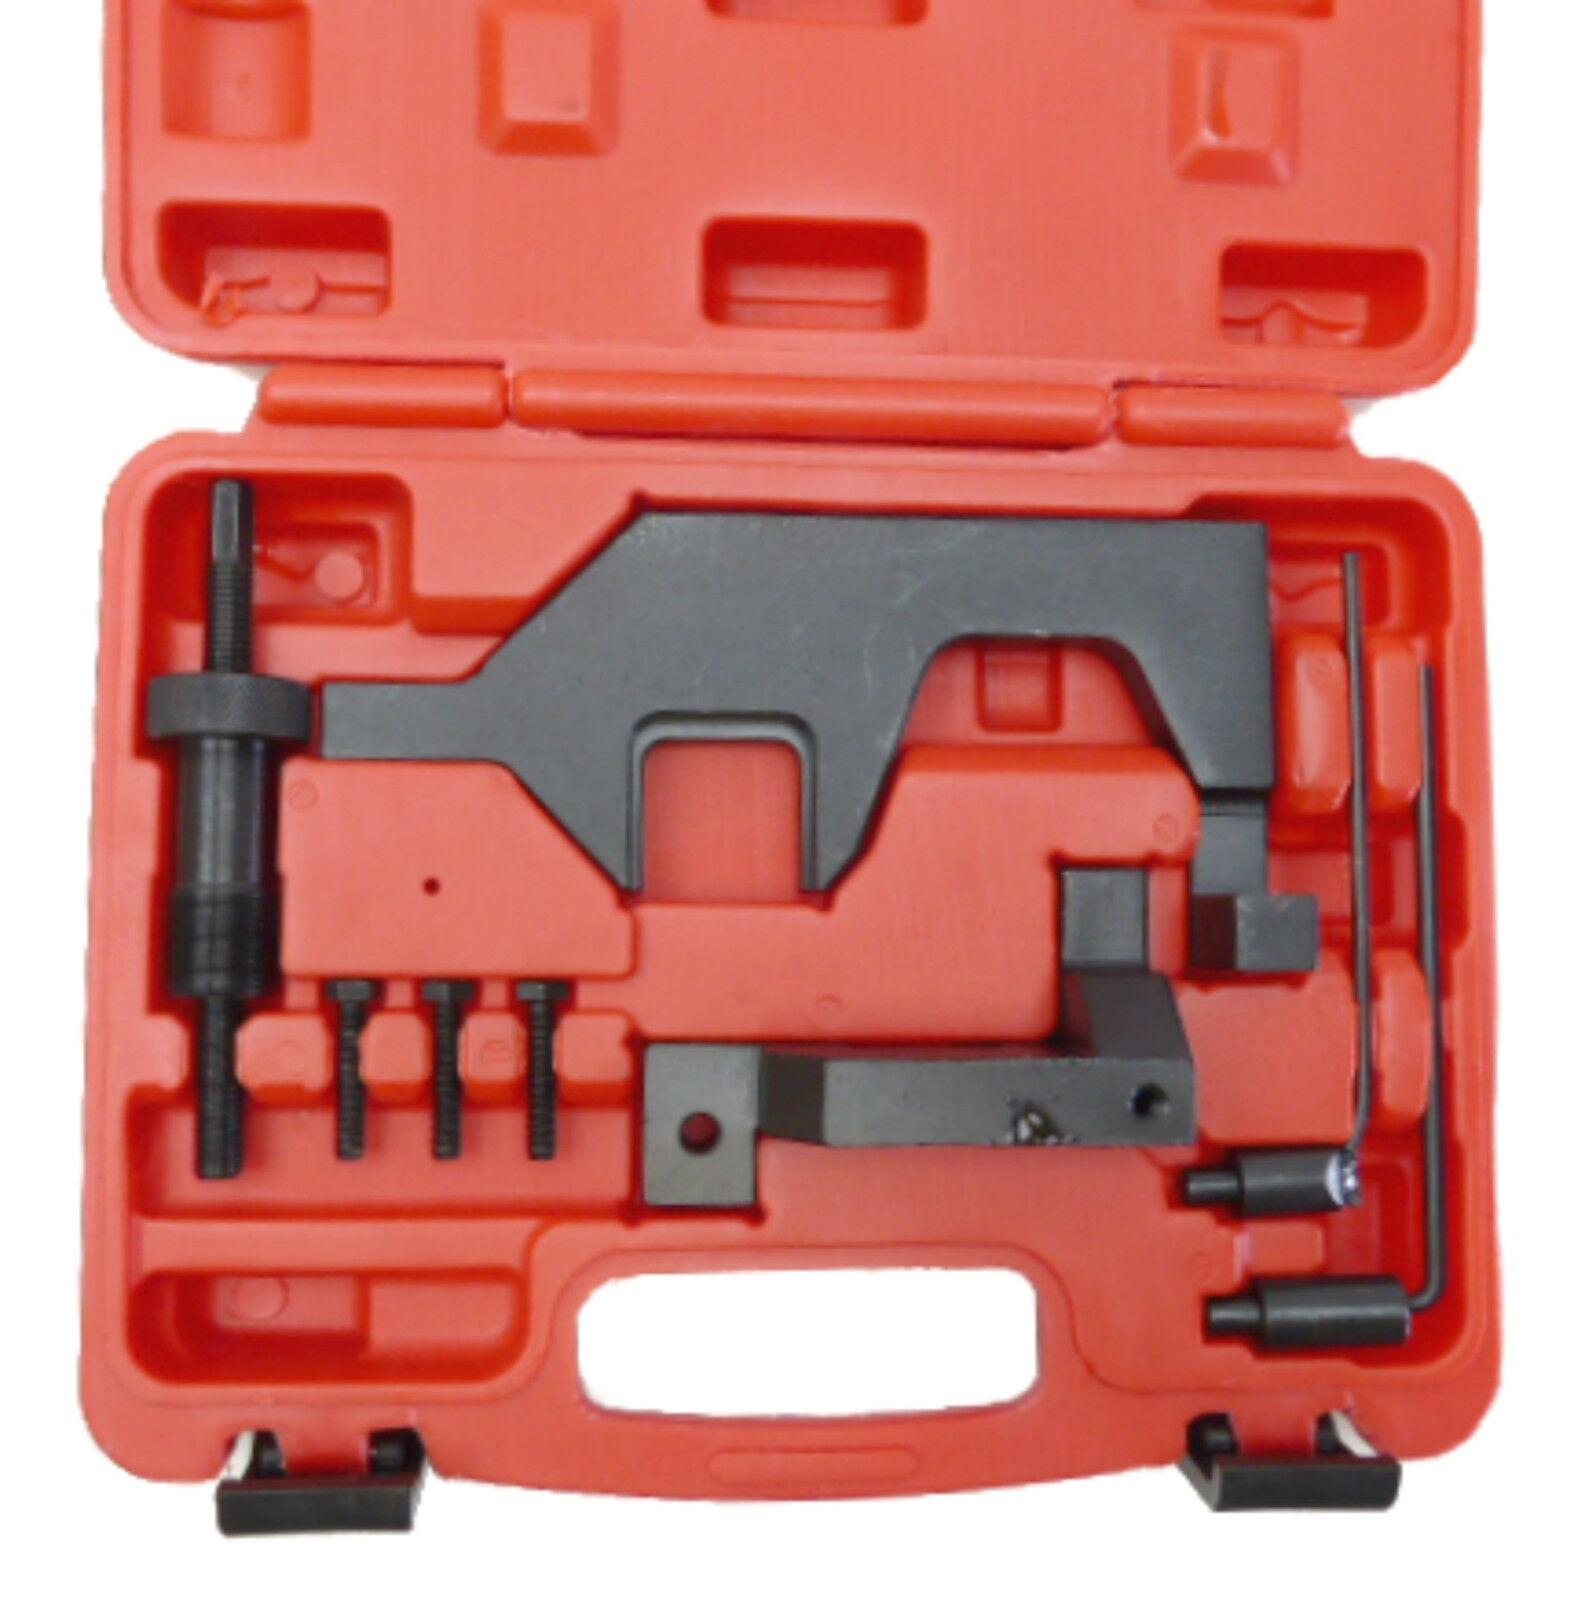 Austin Clubman Classic Mini Panel Gap Alignment Gauge Tool Cooper S